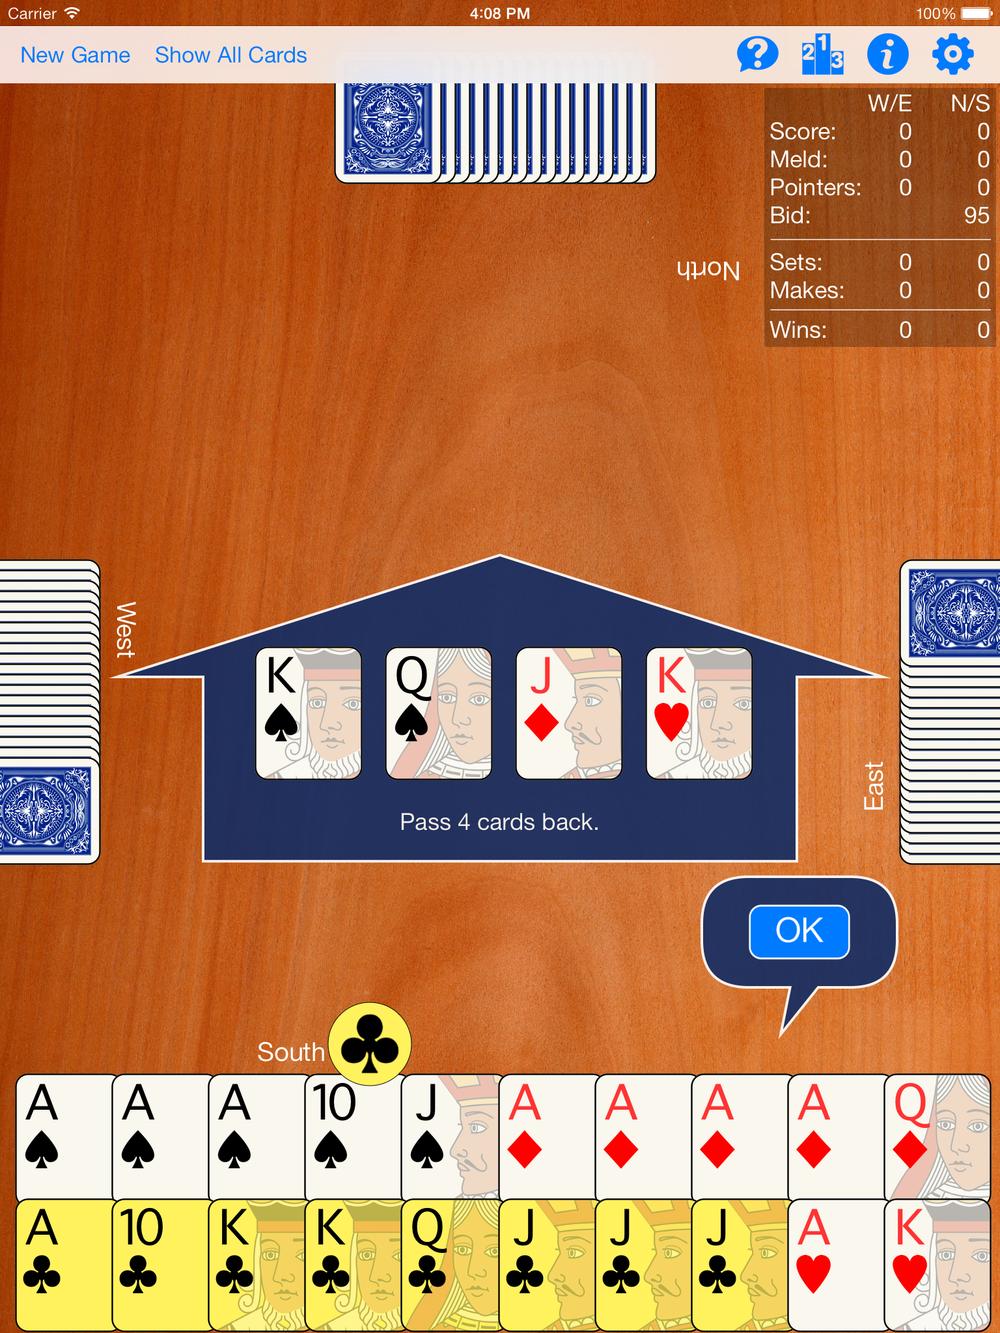 iOS Simulator Screen shot Oct 5, 2013, 4.08.43 PM.png